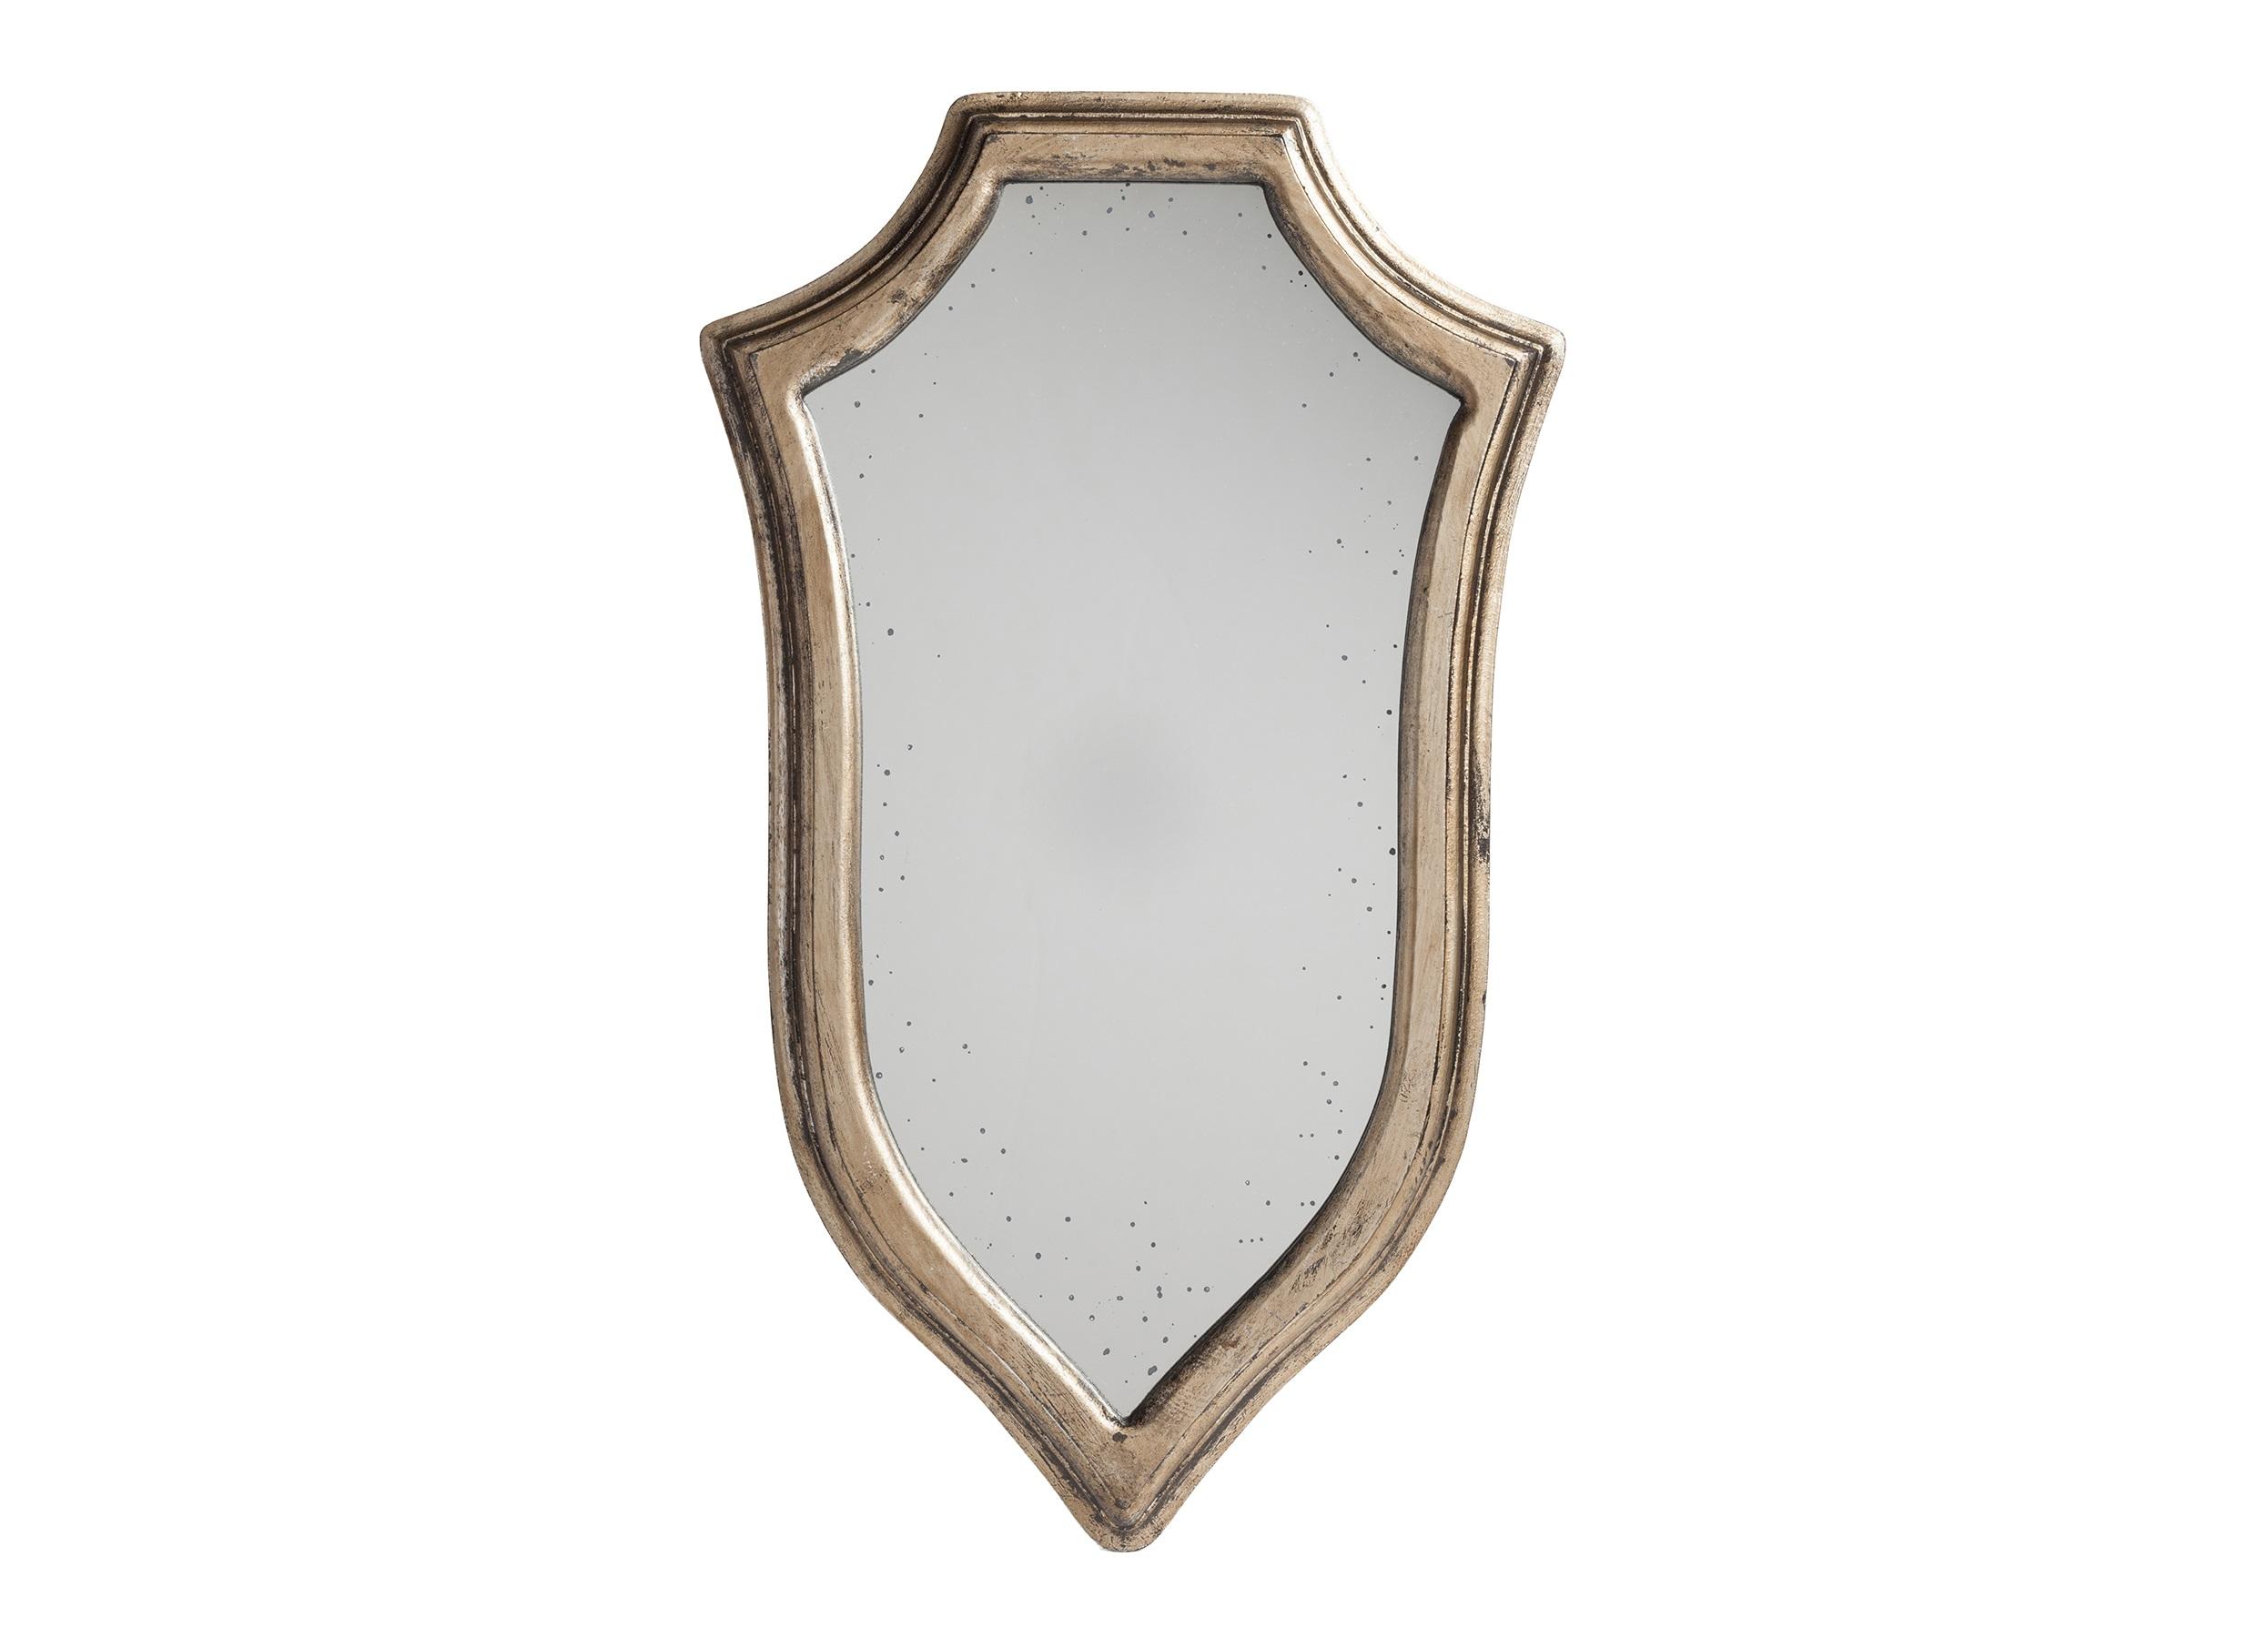 Зеркало DallasНастенные зеркала<br><br><br>Material: МДФ<br>Length см: None<br>Width см: 30,5<br>Depth см: 2<br>Height см: 51